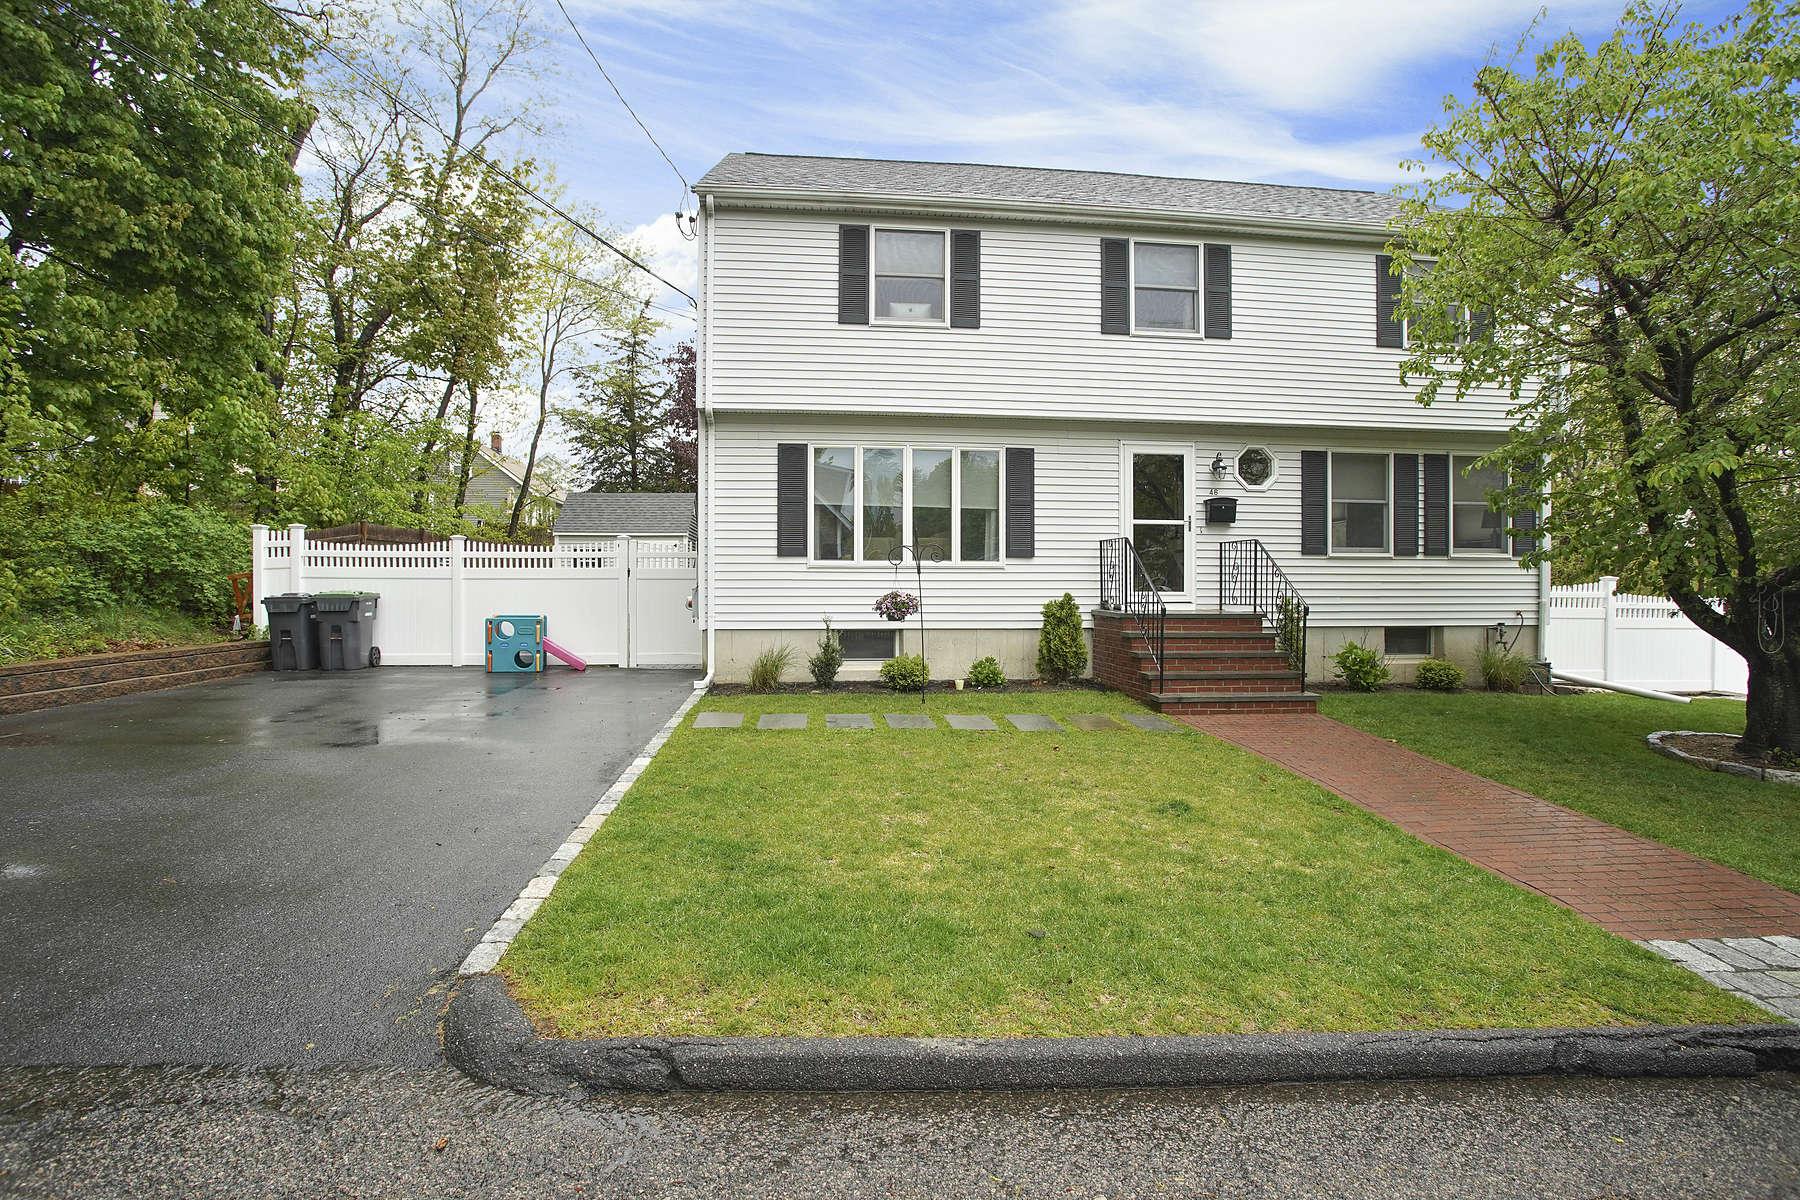 Single Family Homes for Active at 46 Corbett Ave, Dedham 46 Corbett Ave Dedham, Massachusetts 02026 United States